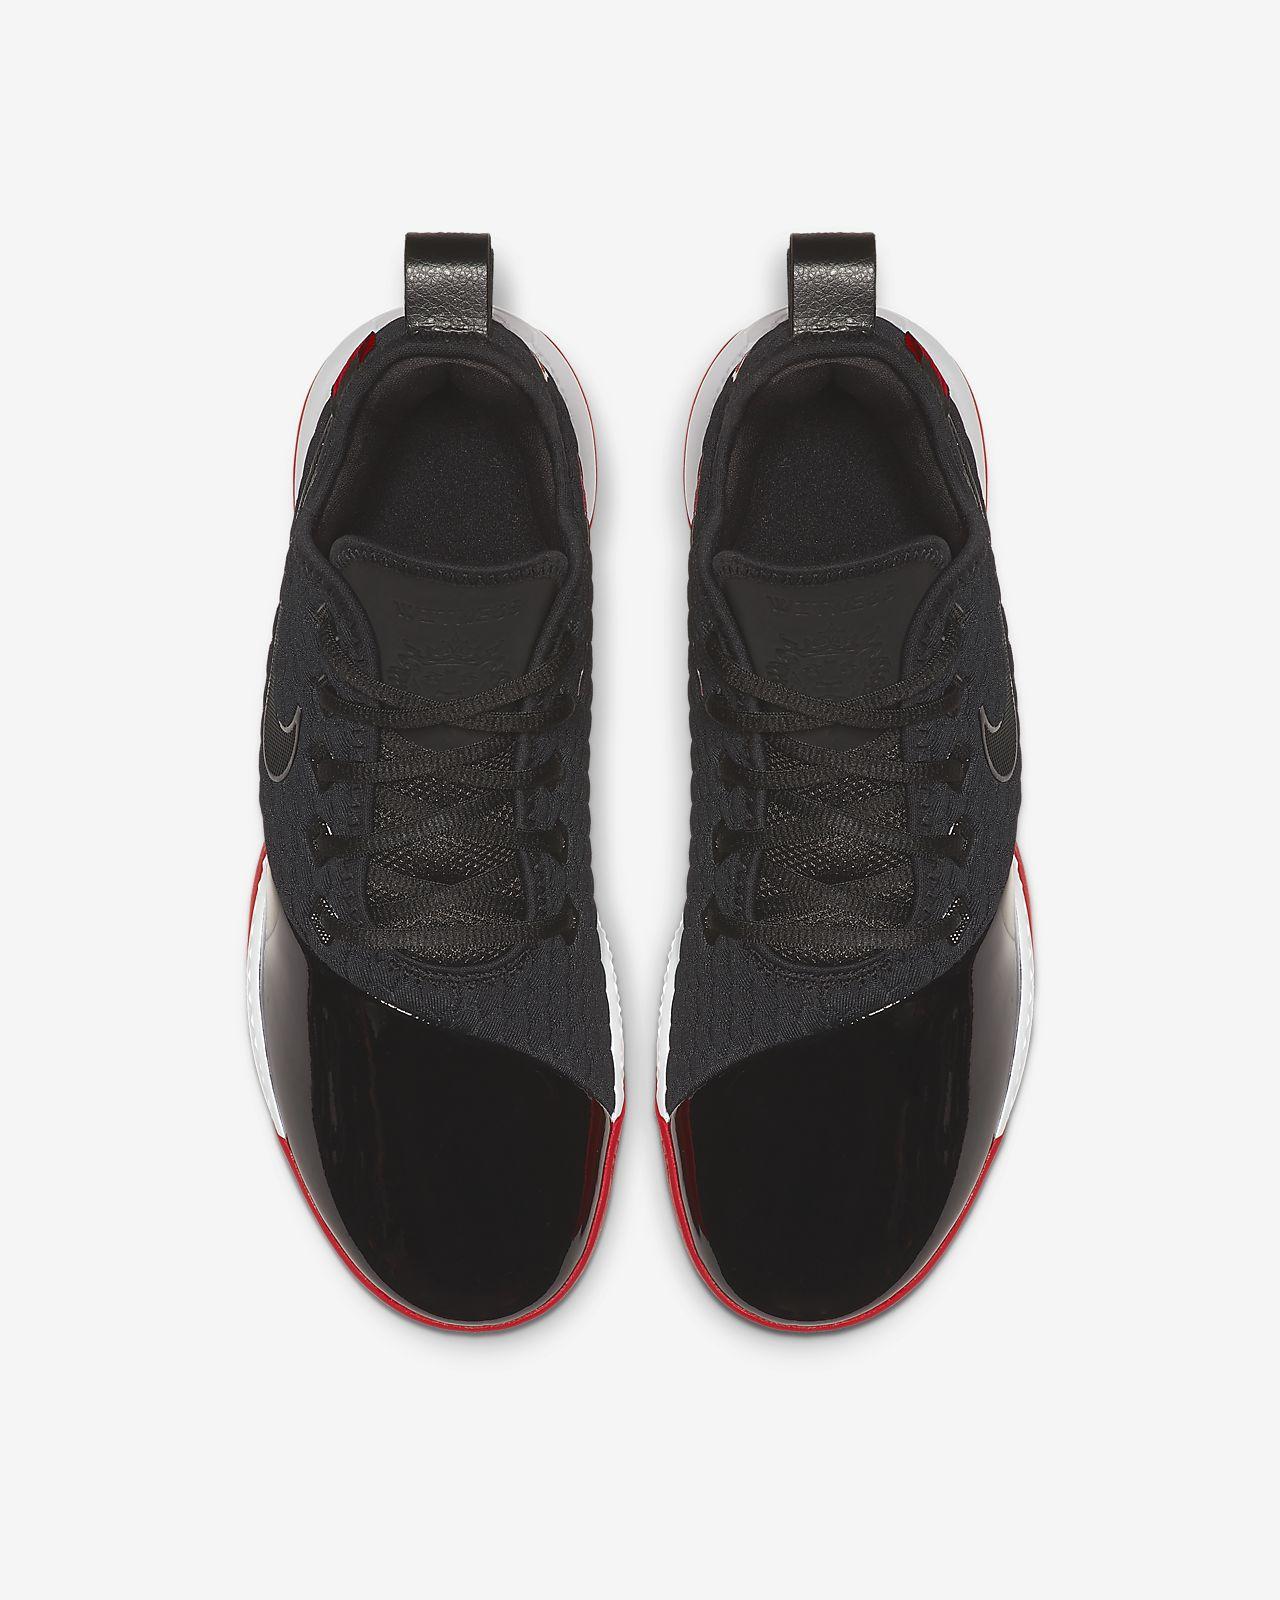 530d45f3ea42 LeBron Witness III PRM Basketball Shoe. Nike.com GB